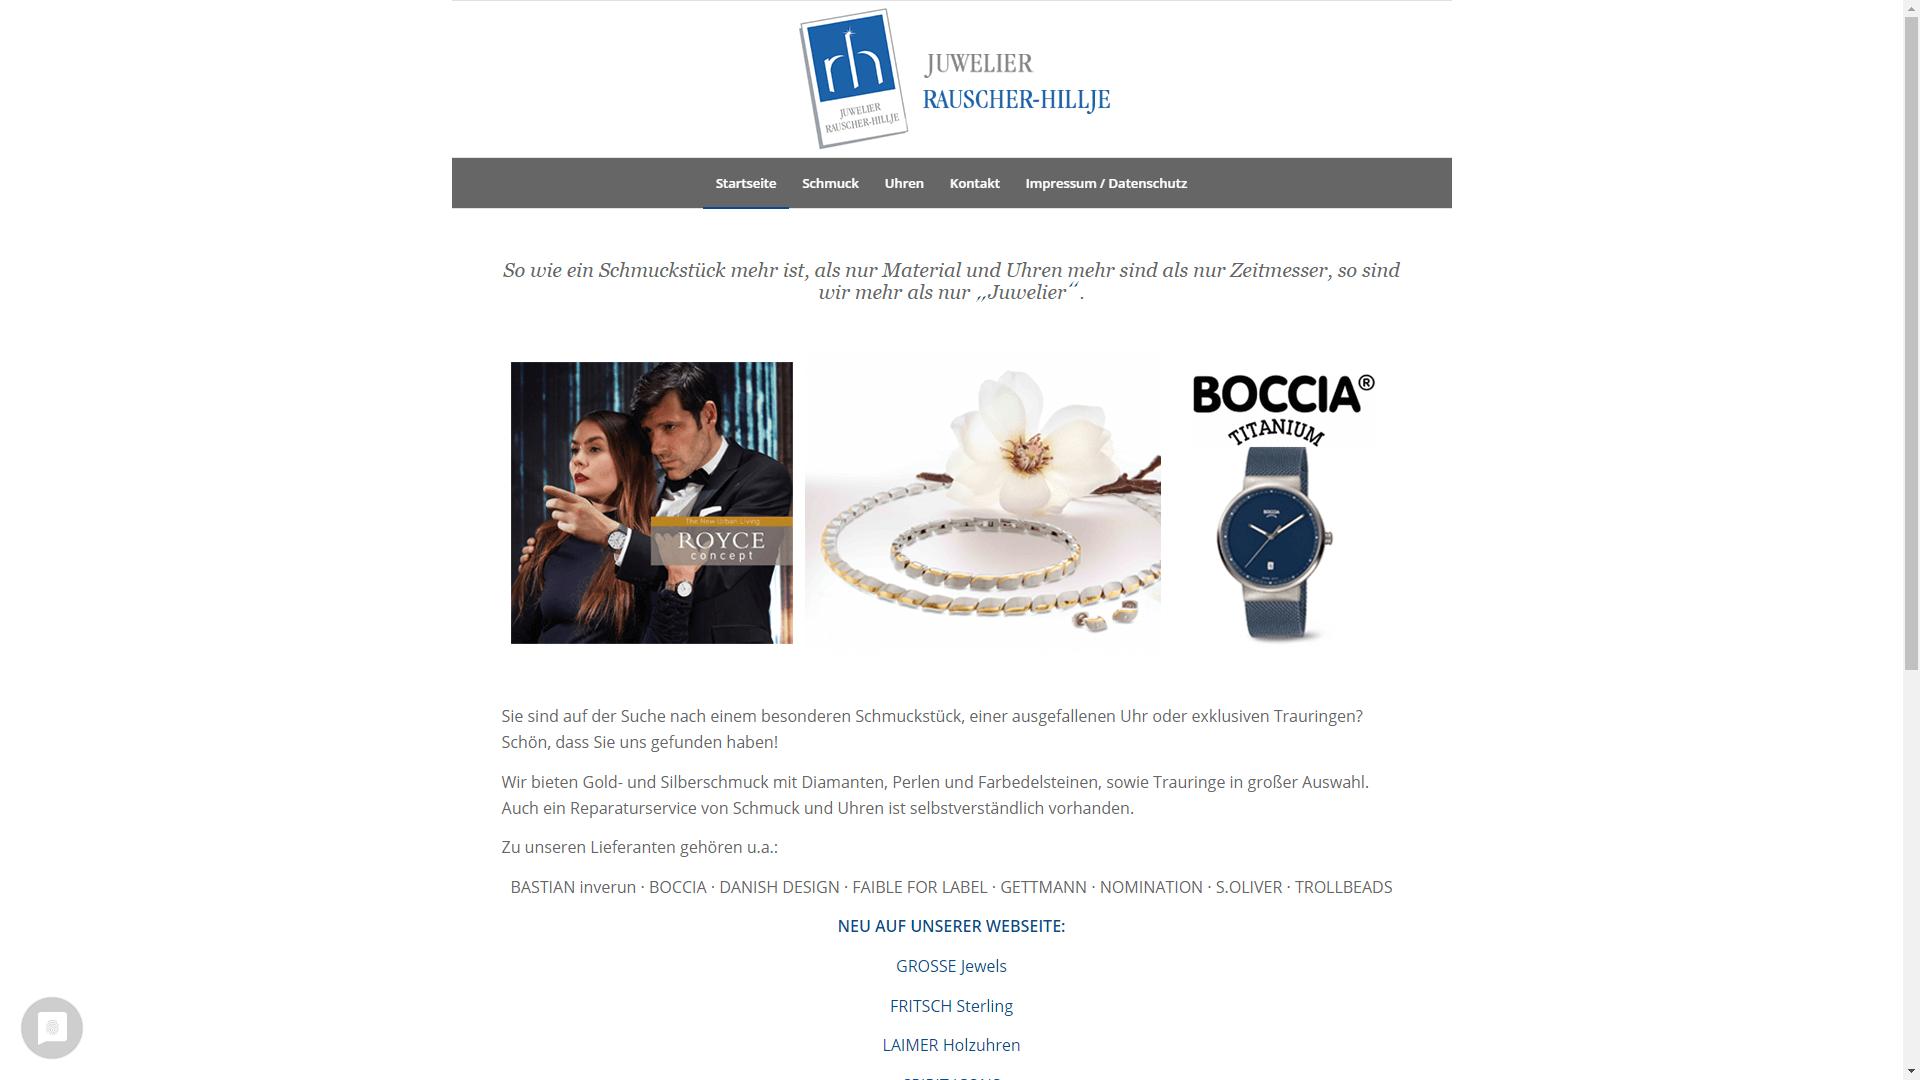 Unternehmen - Juwelier Rauscher-Hillje